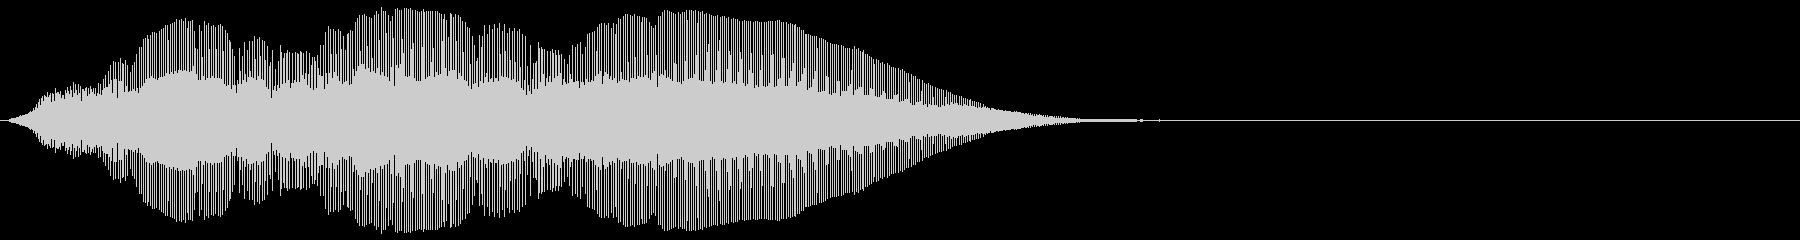 バリトンサックス:高揺らぎアクセン...の未再生の波形